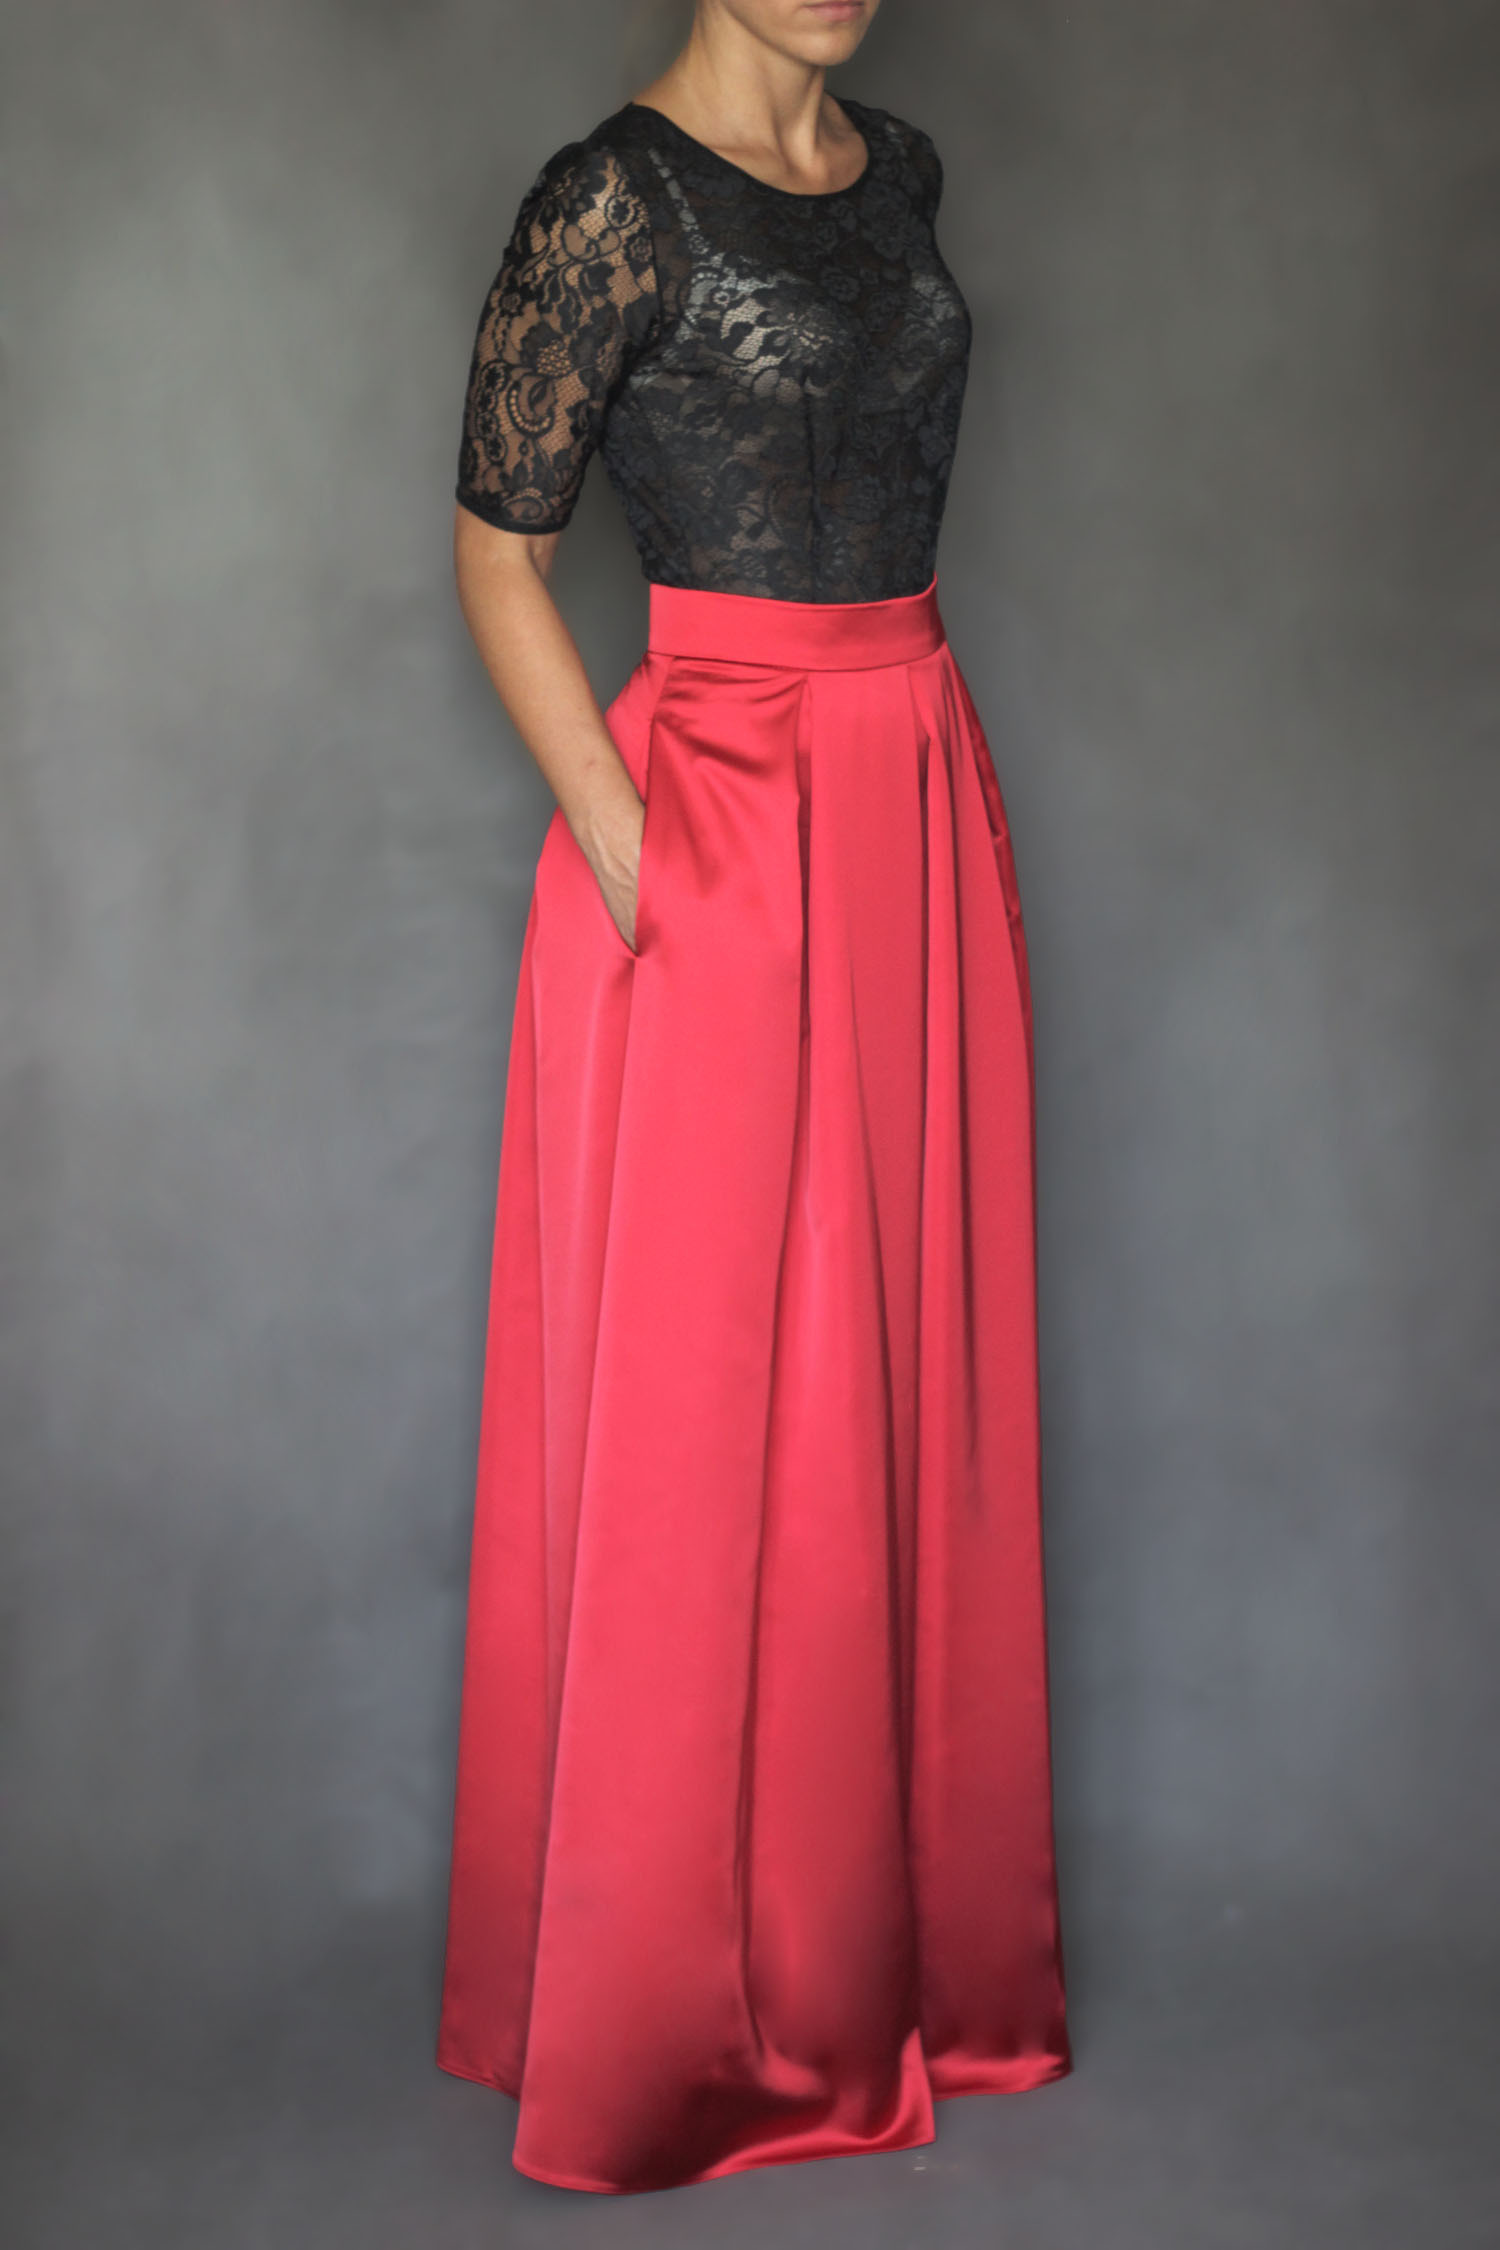 Společenská skládaná sukně s kapsami různé barvy   Zboží prodejce ... 8be270dc0f